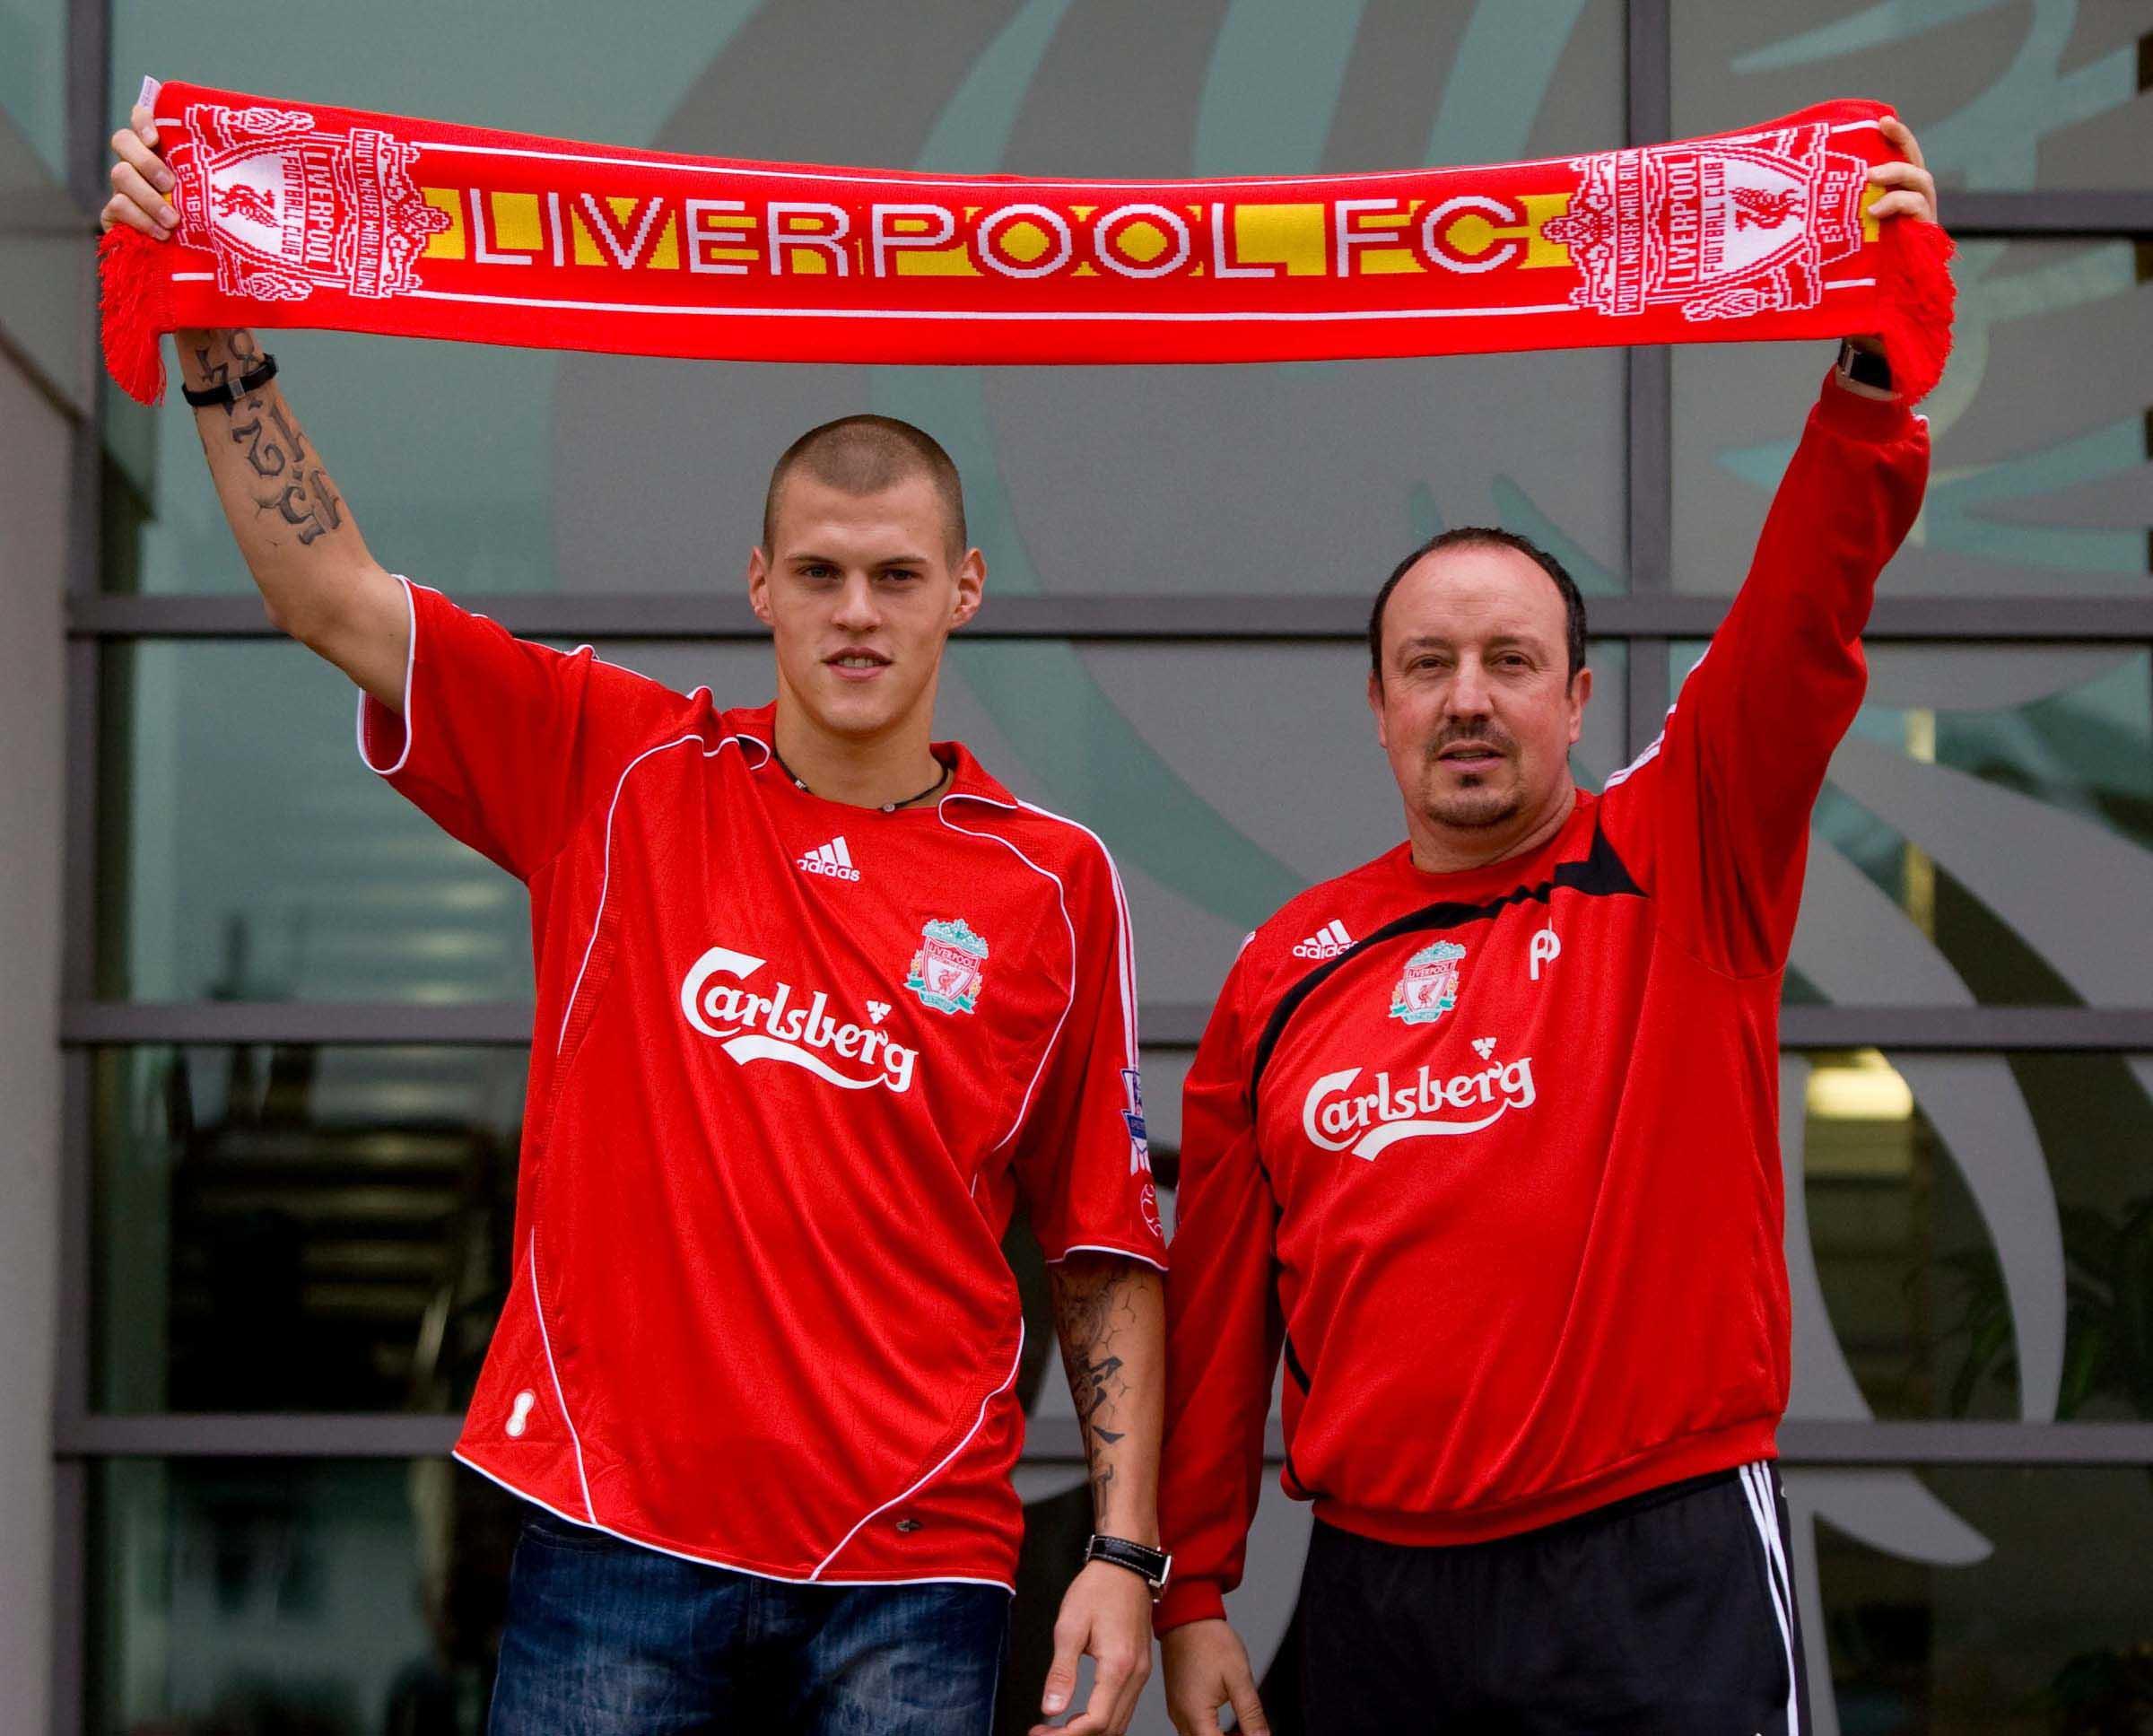 Football - Liverpool sign Martin Skrtel